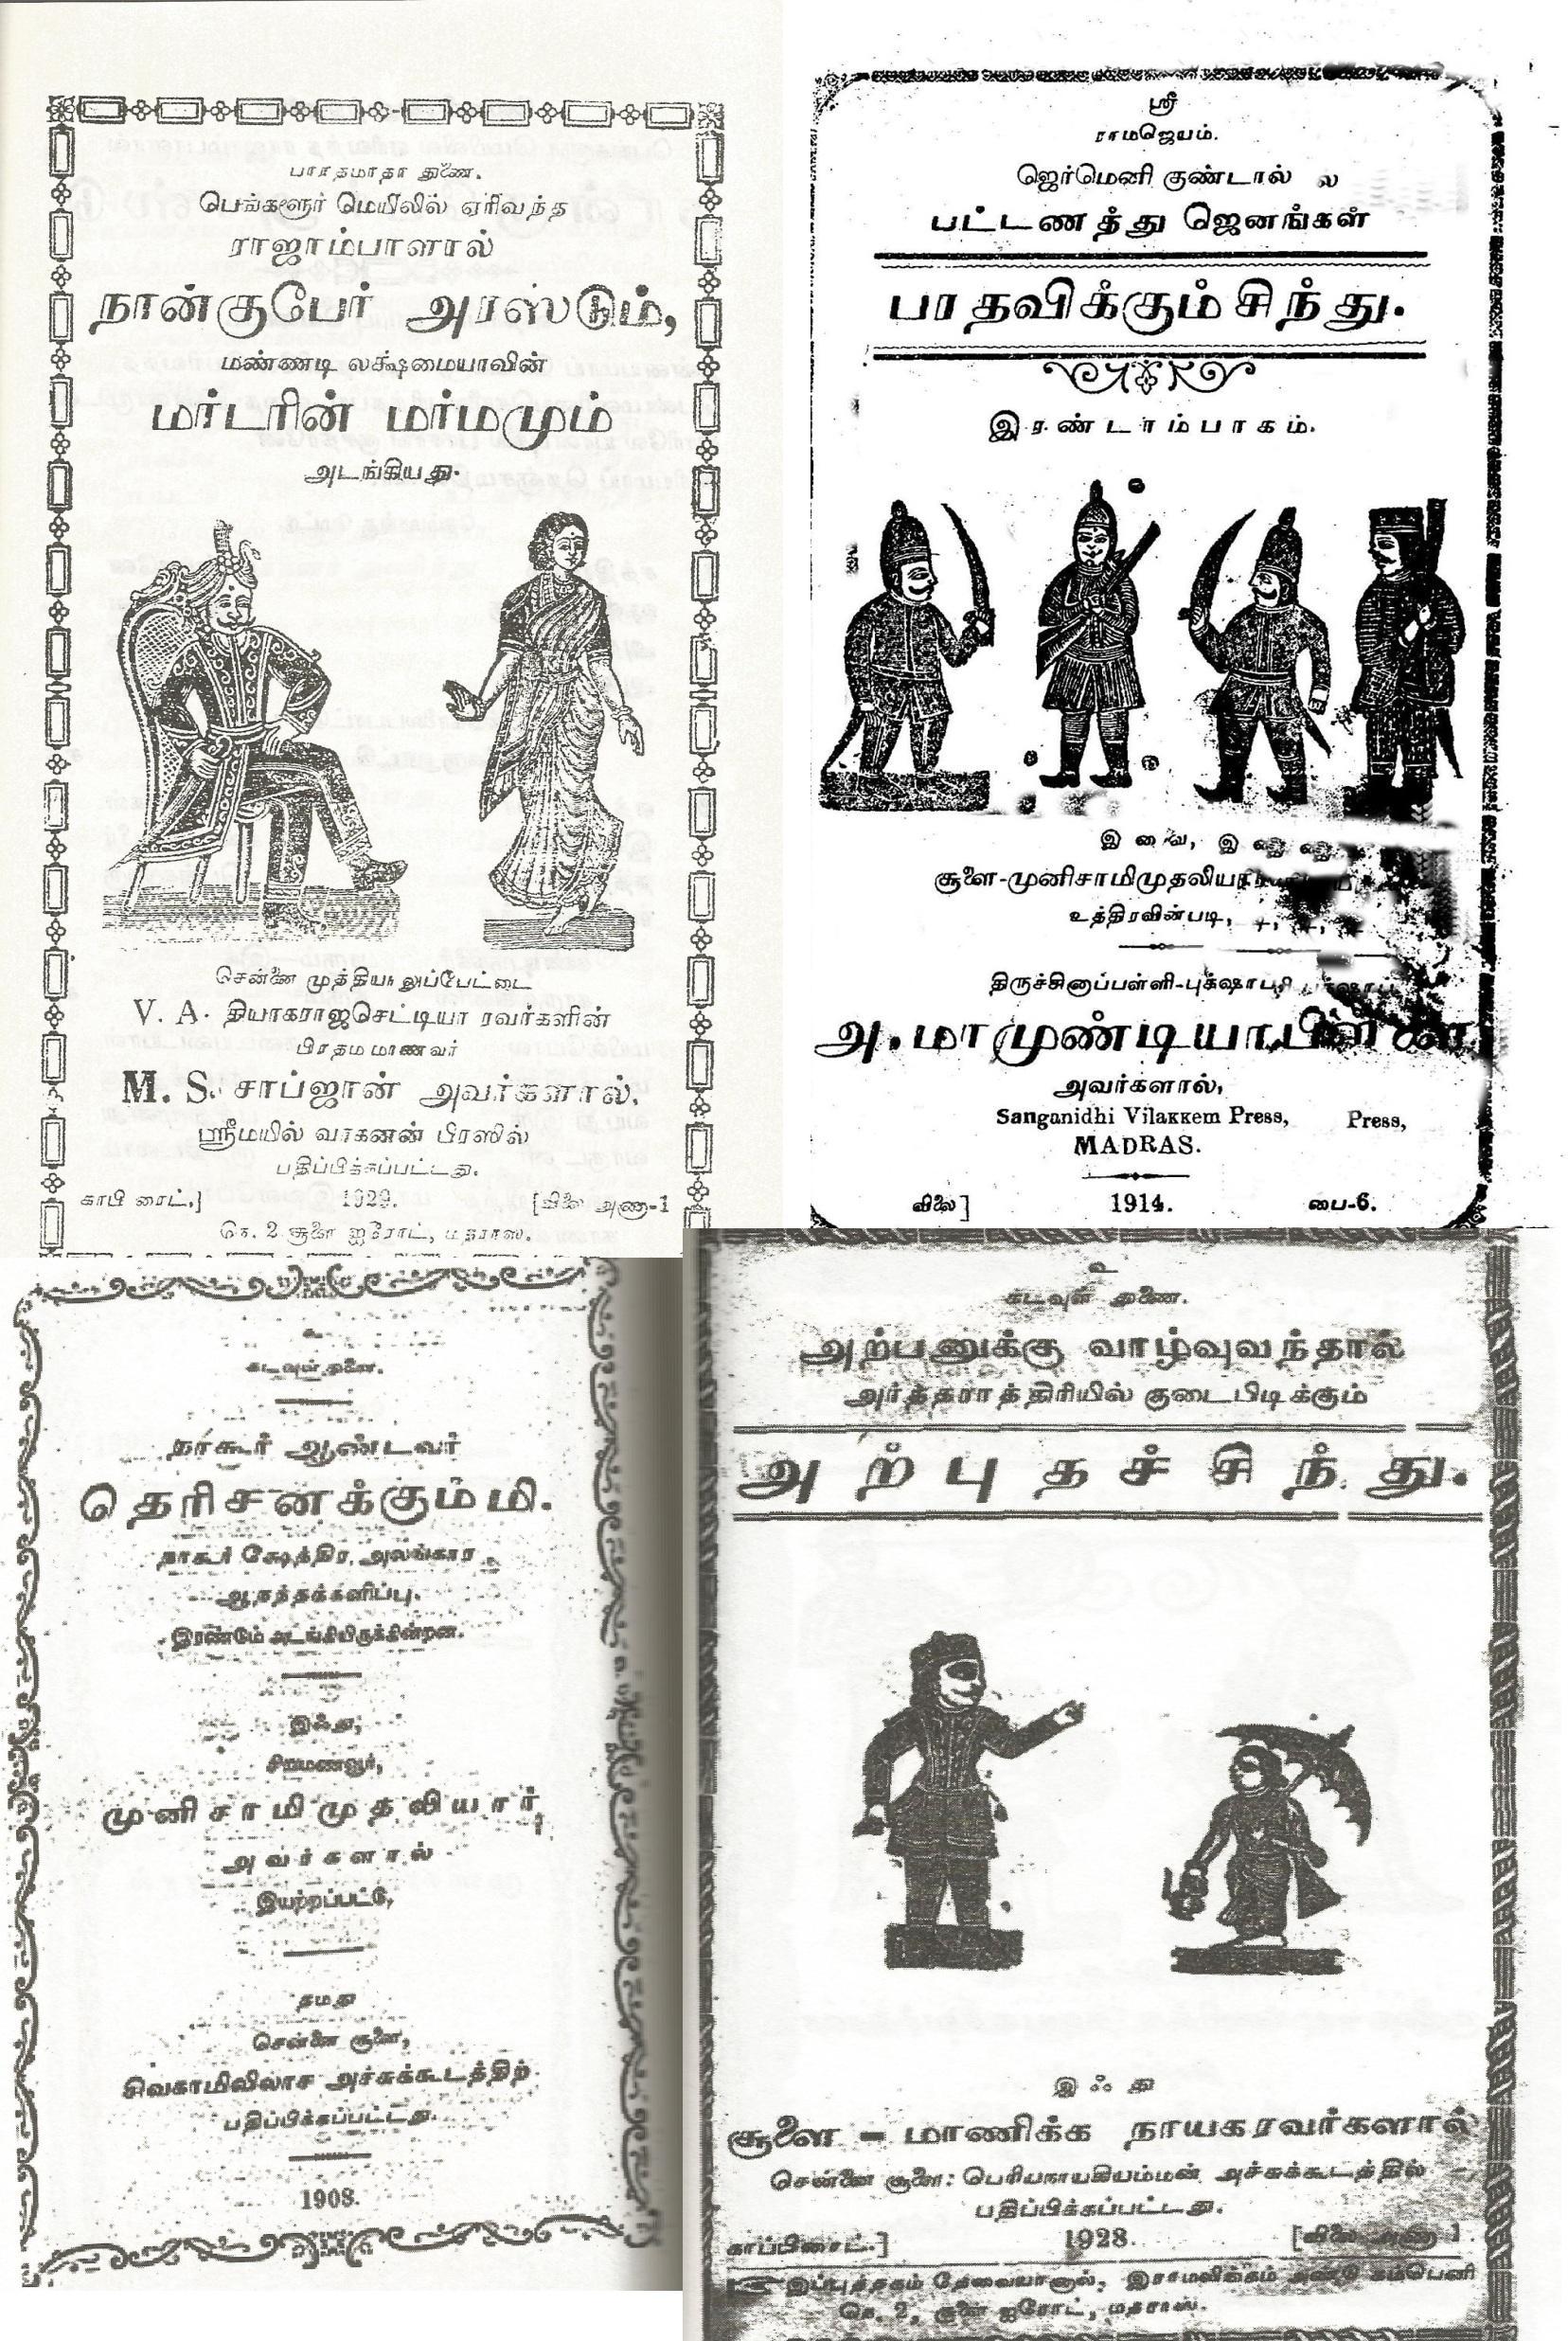 குஜிலி இலக்கியம்